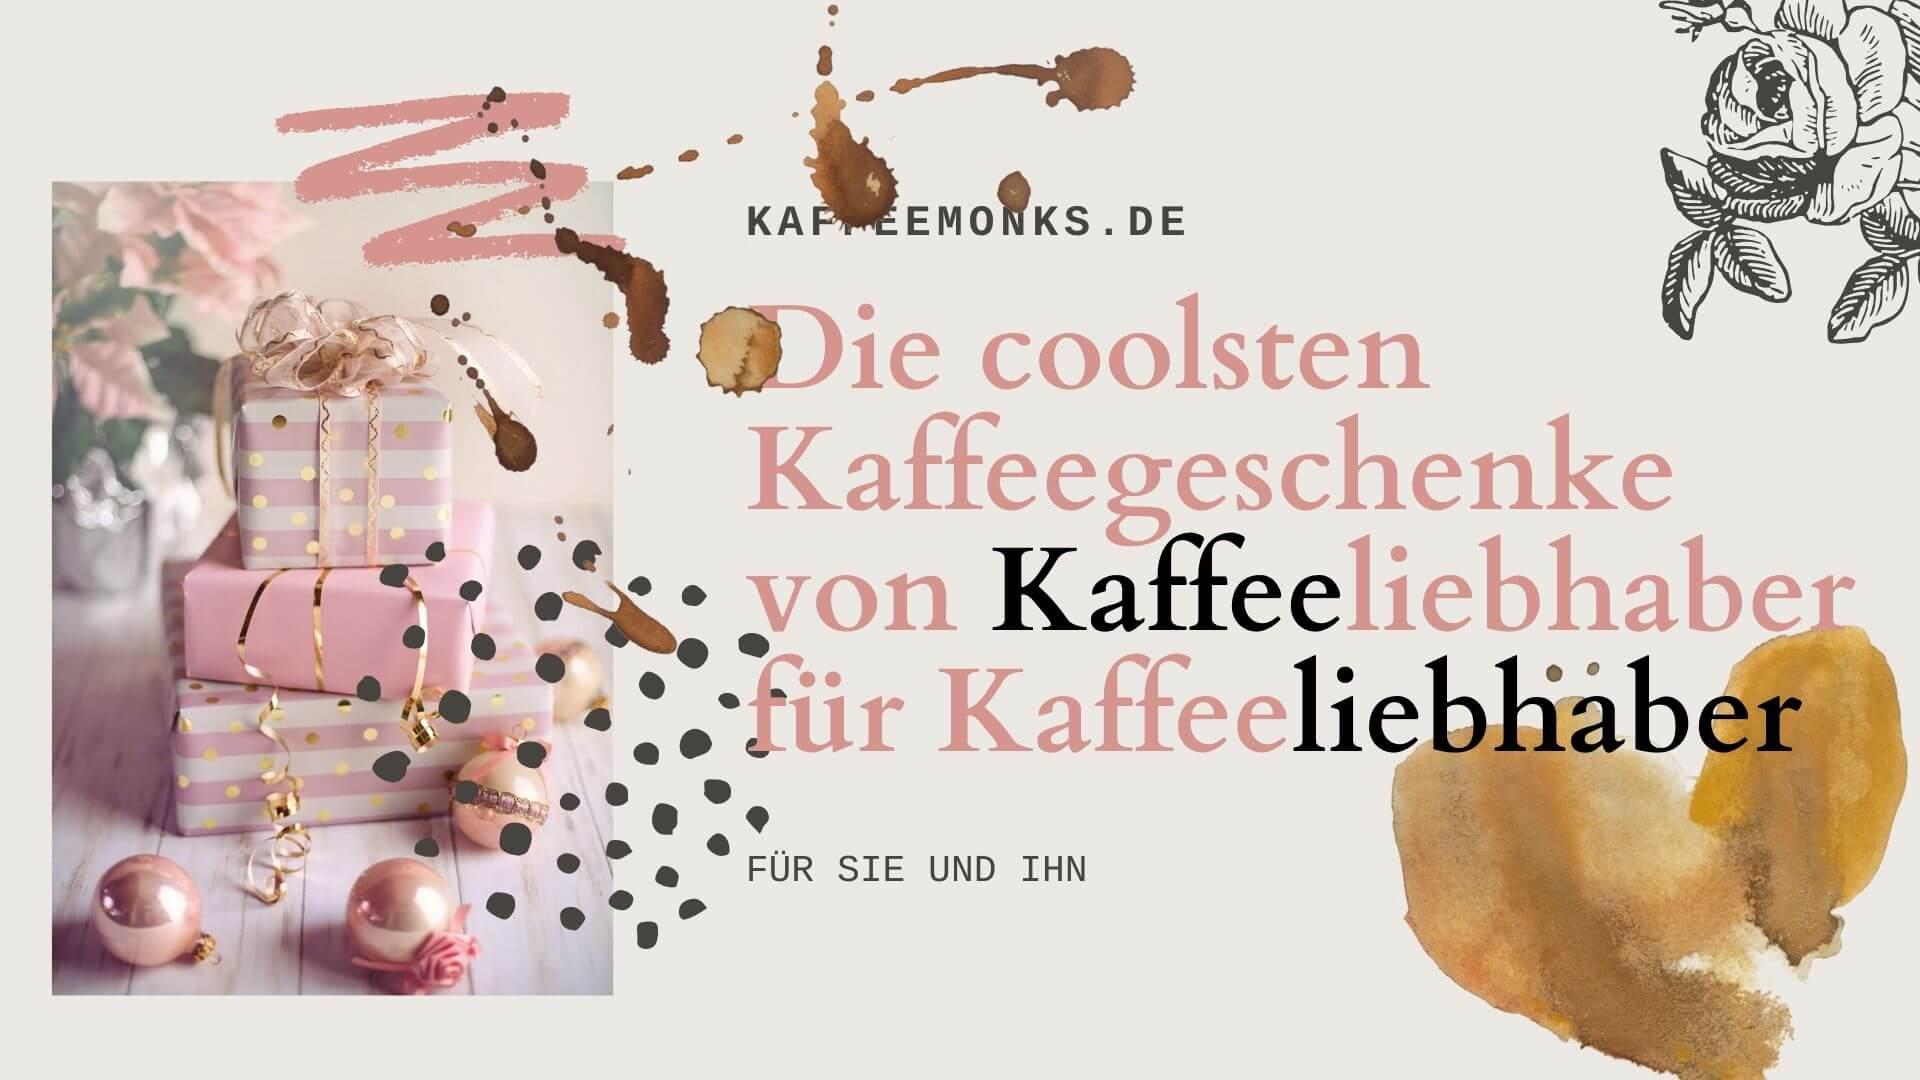 DIE 12 BESTEN KAFFEEGESCHENKE FÜR KAFFEELIEBHABER